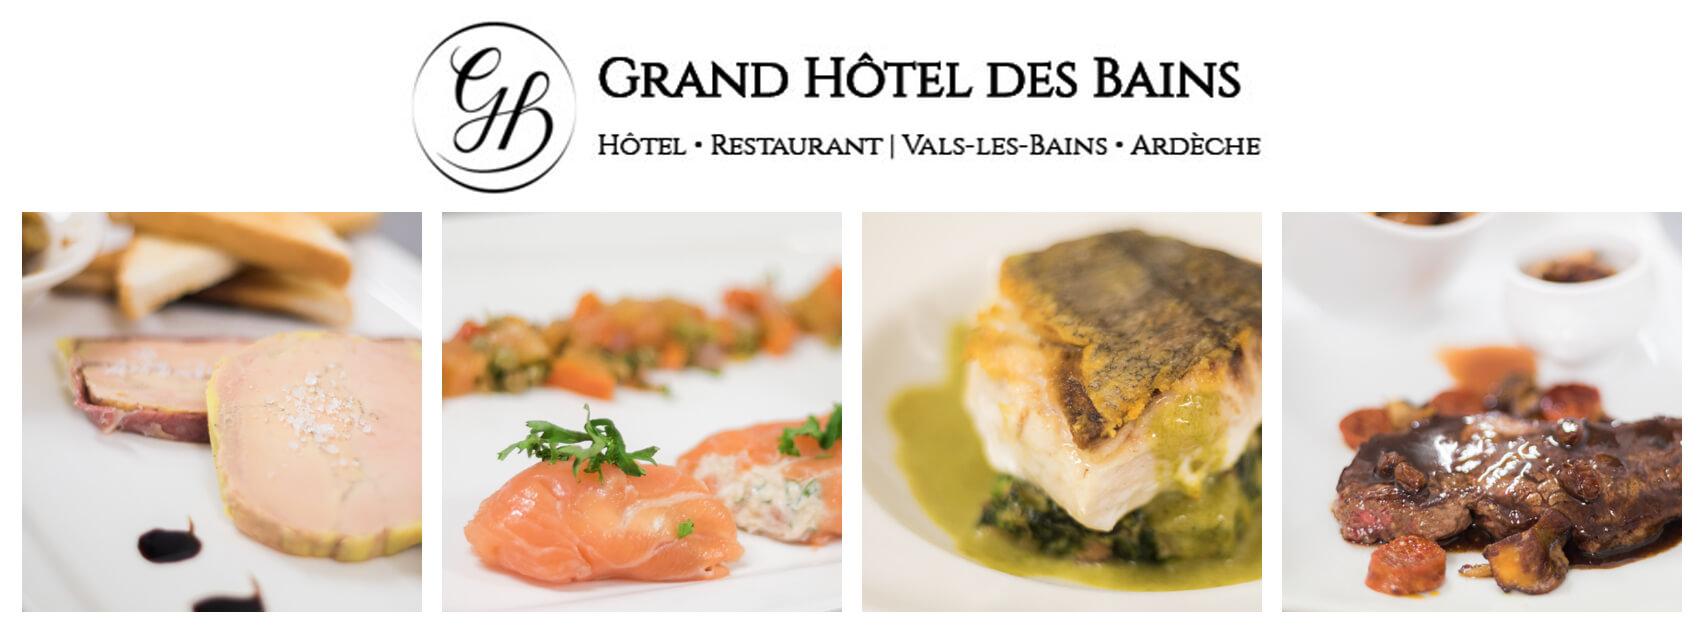 Apercu plats restaurant des bains le petit valsois for Restaurant bain les bains